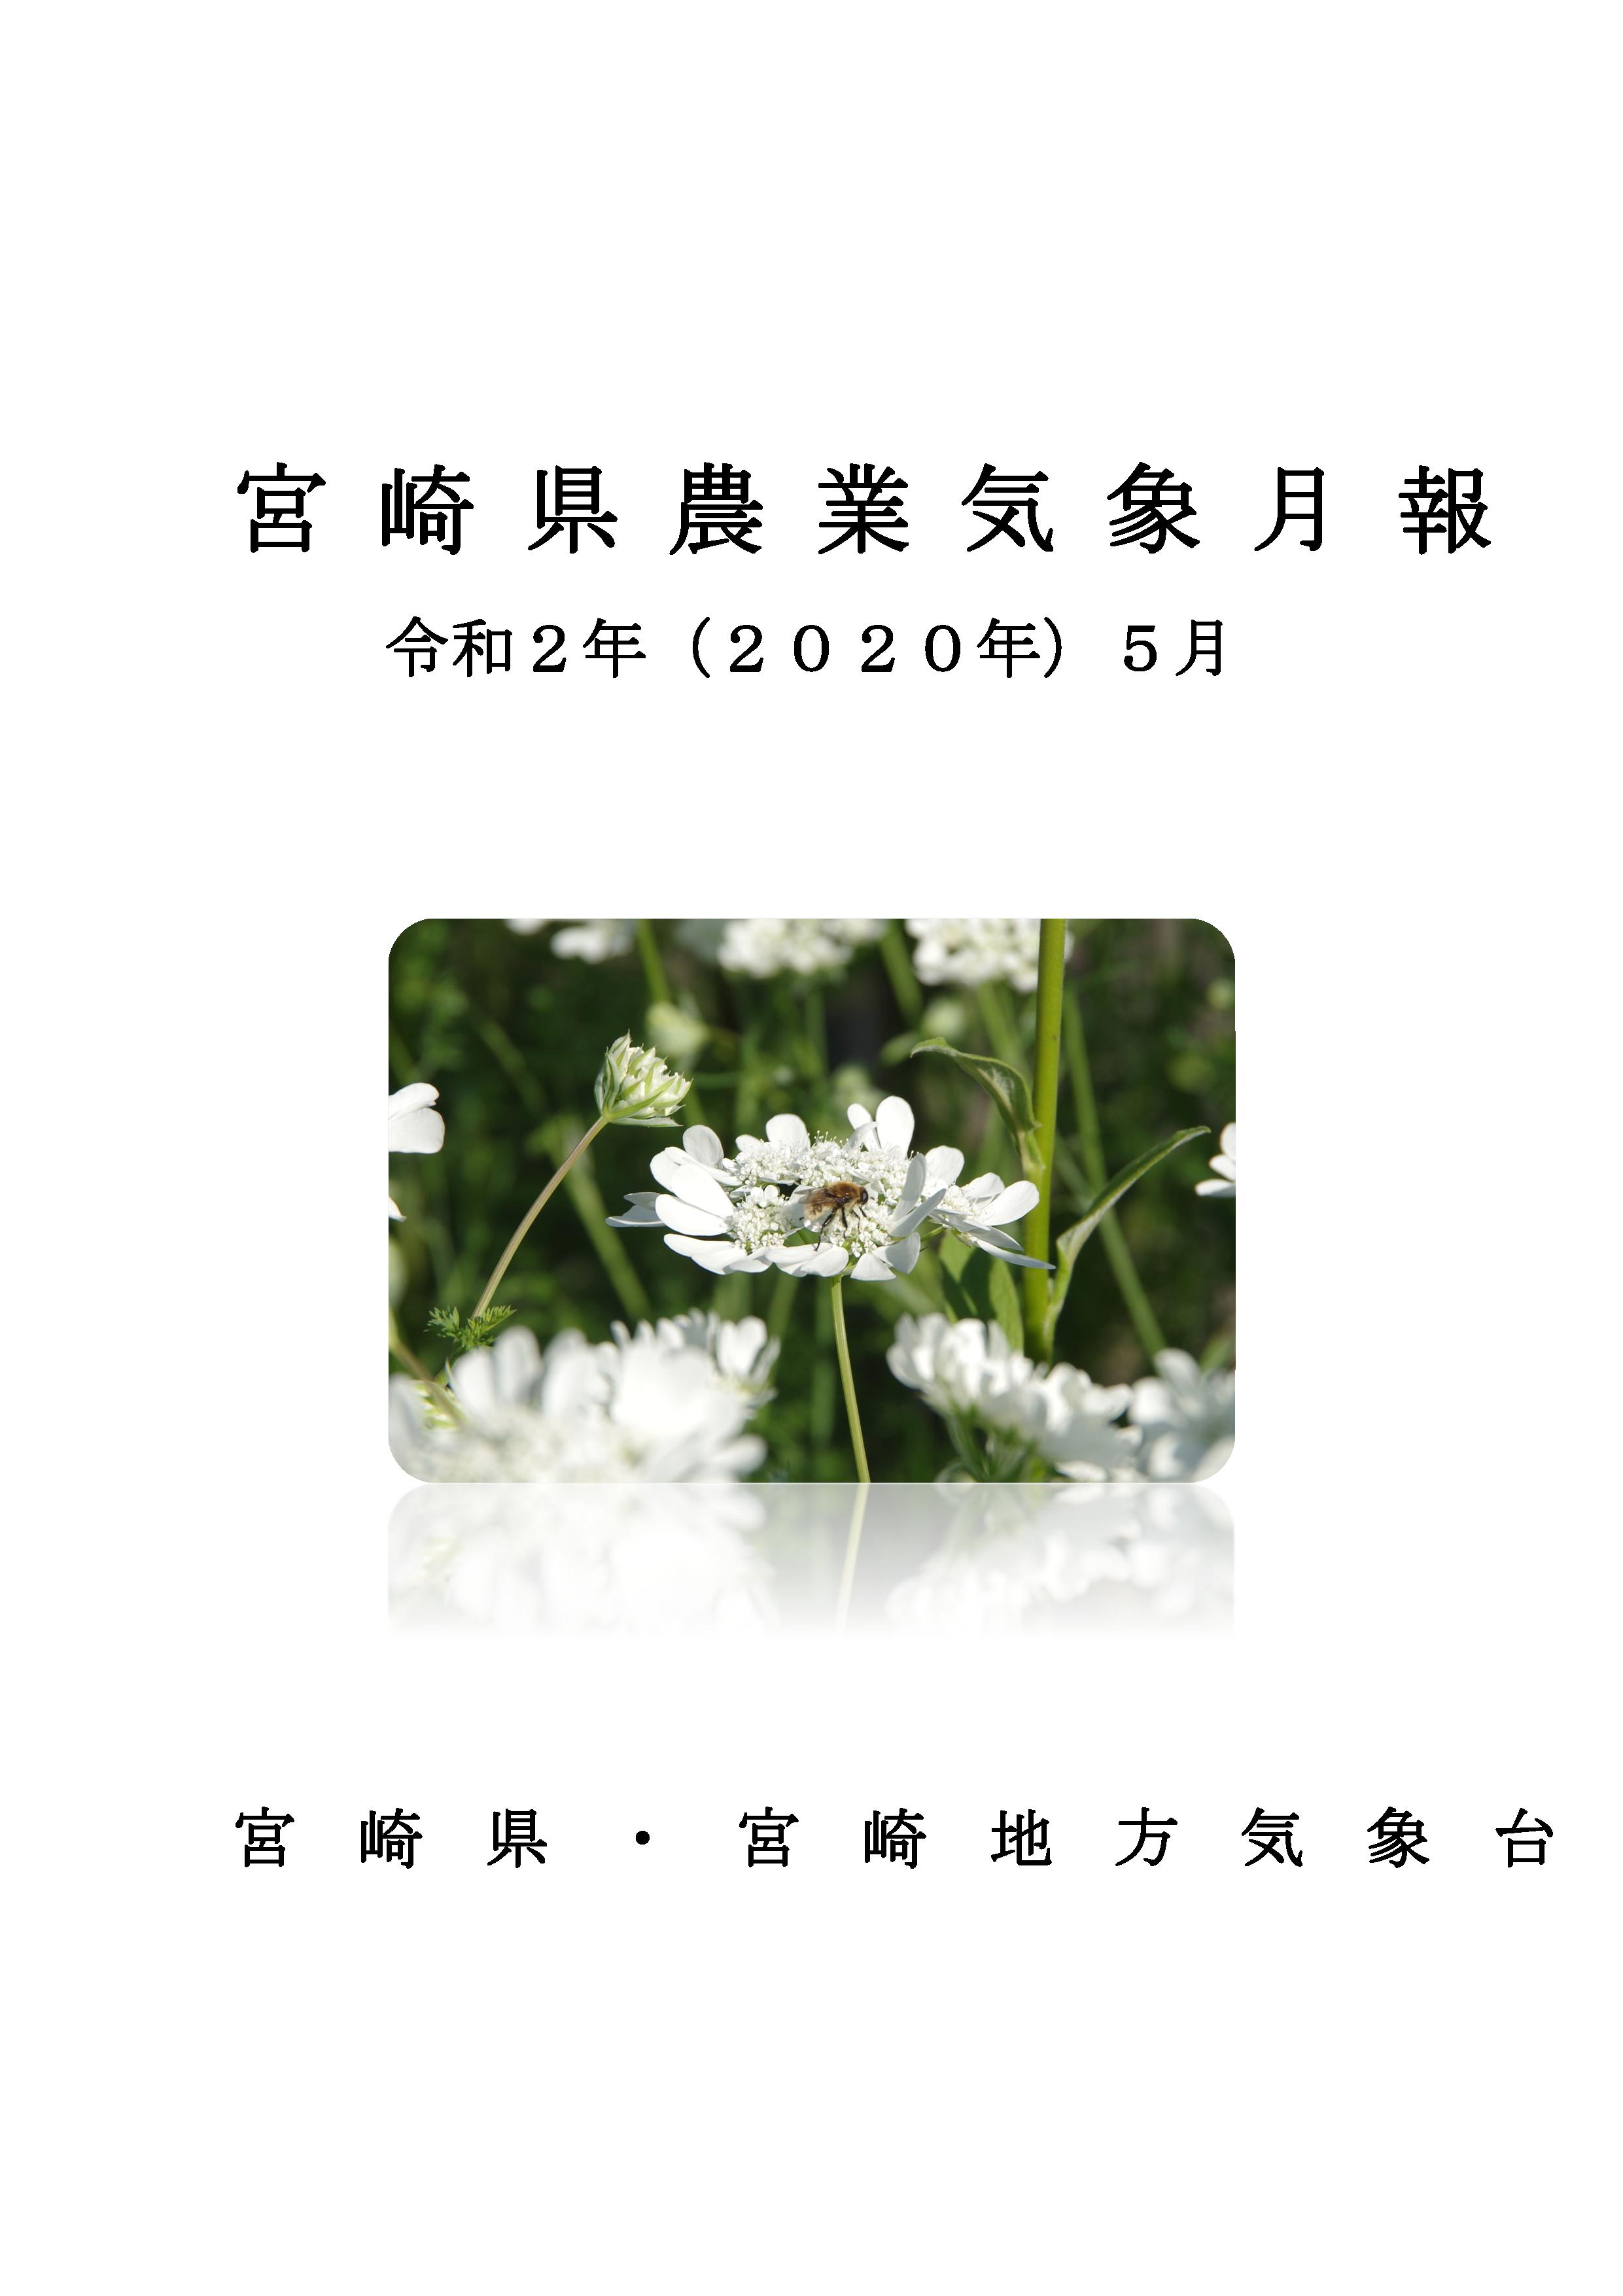 令和2年5月農業気象月報PDF